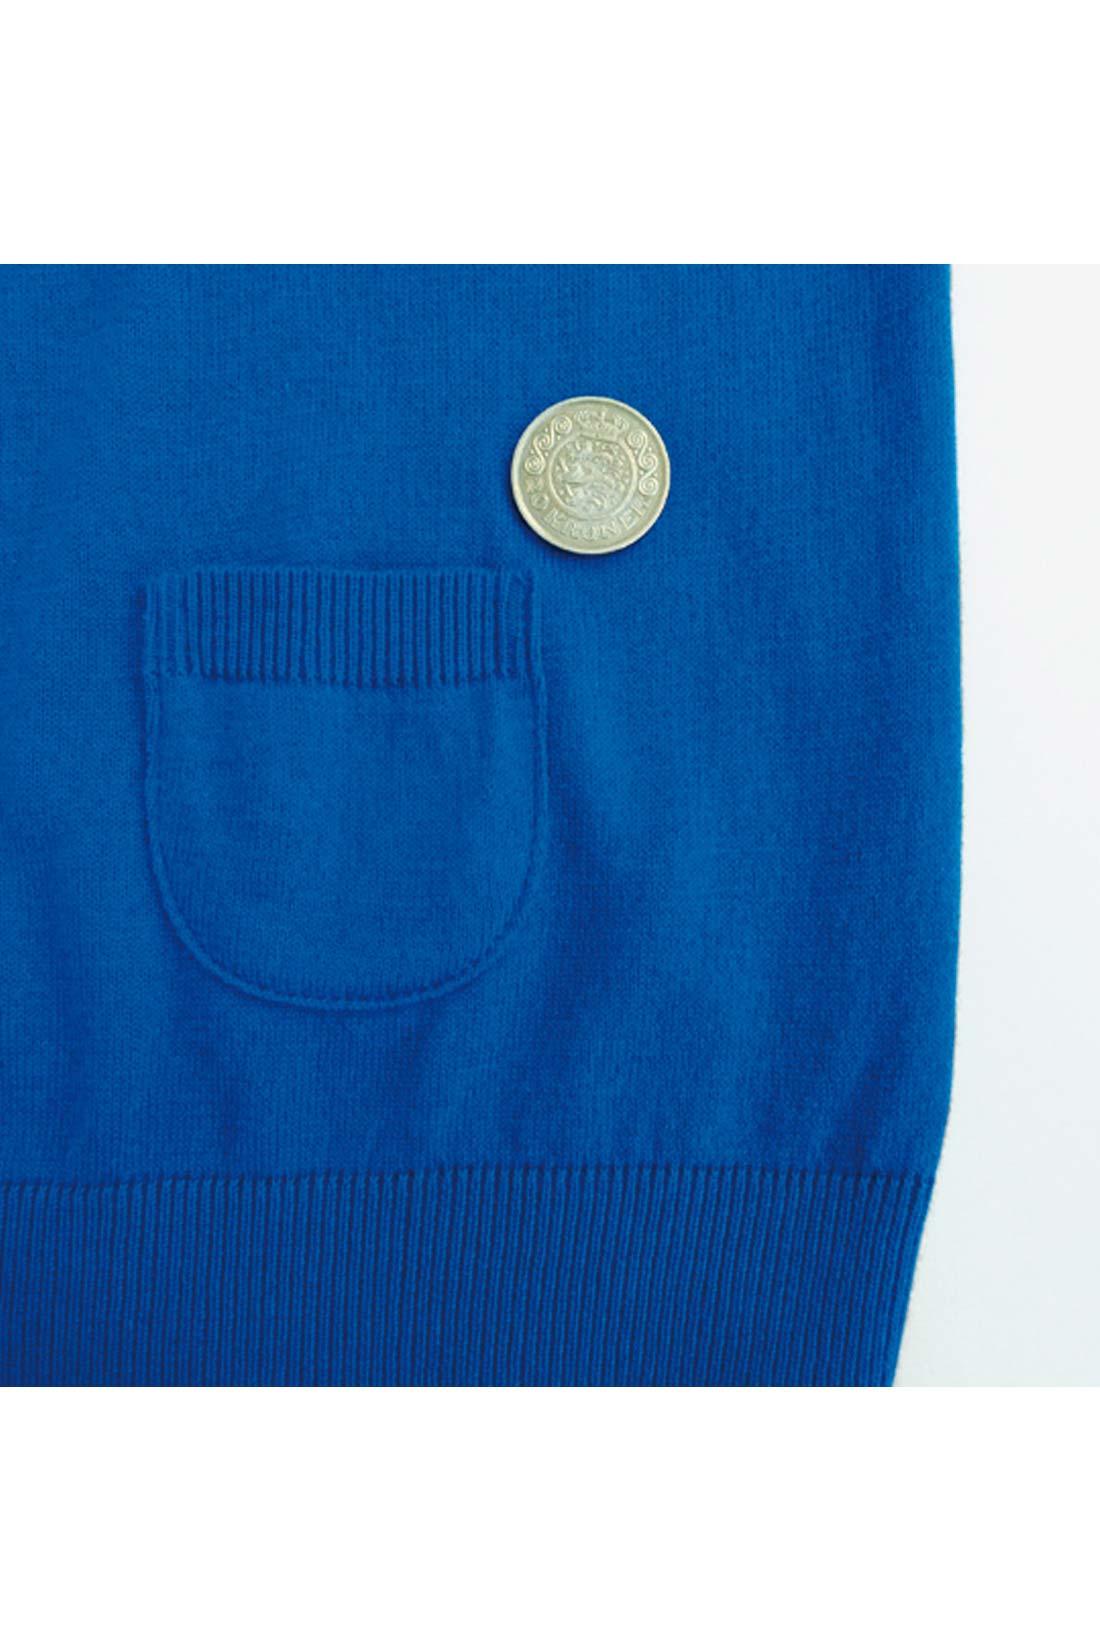 【ポケットは。】前にも後ろにも付いていますが、本当に本当に小さいよ。